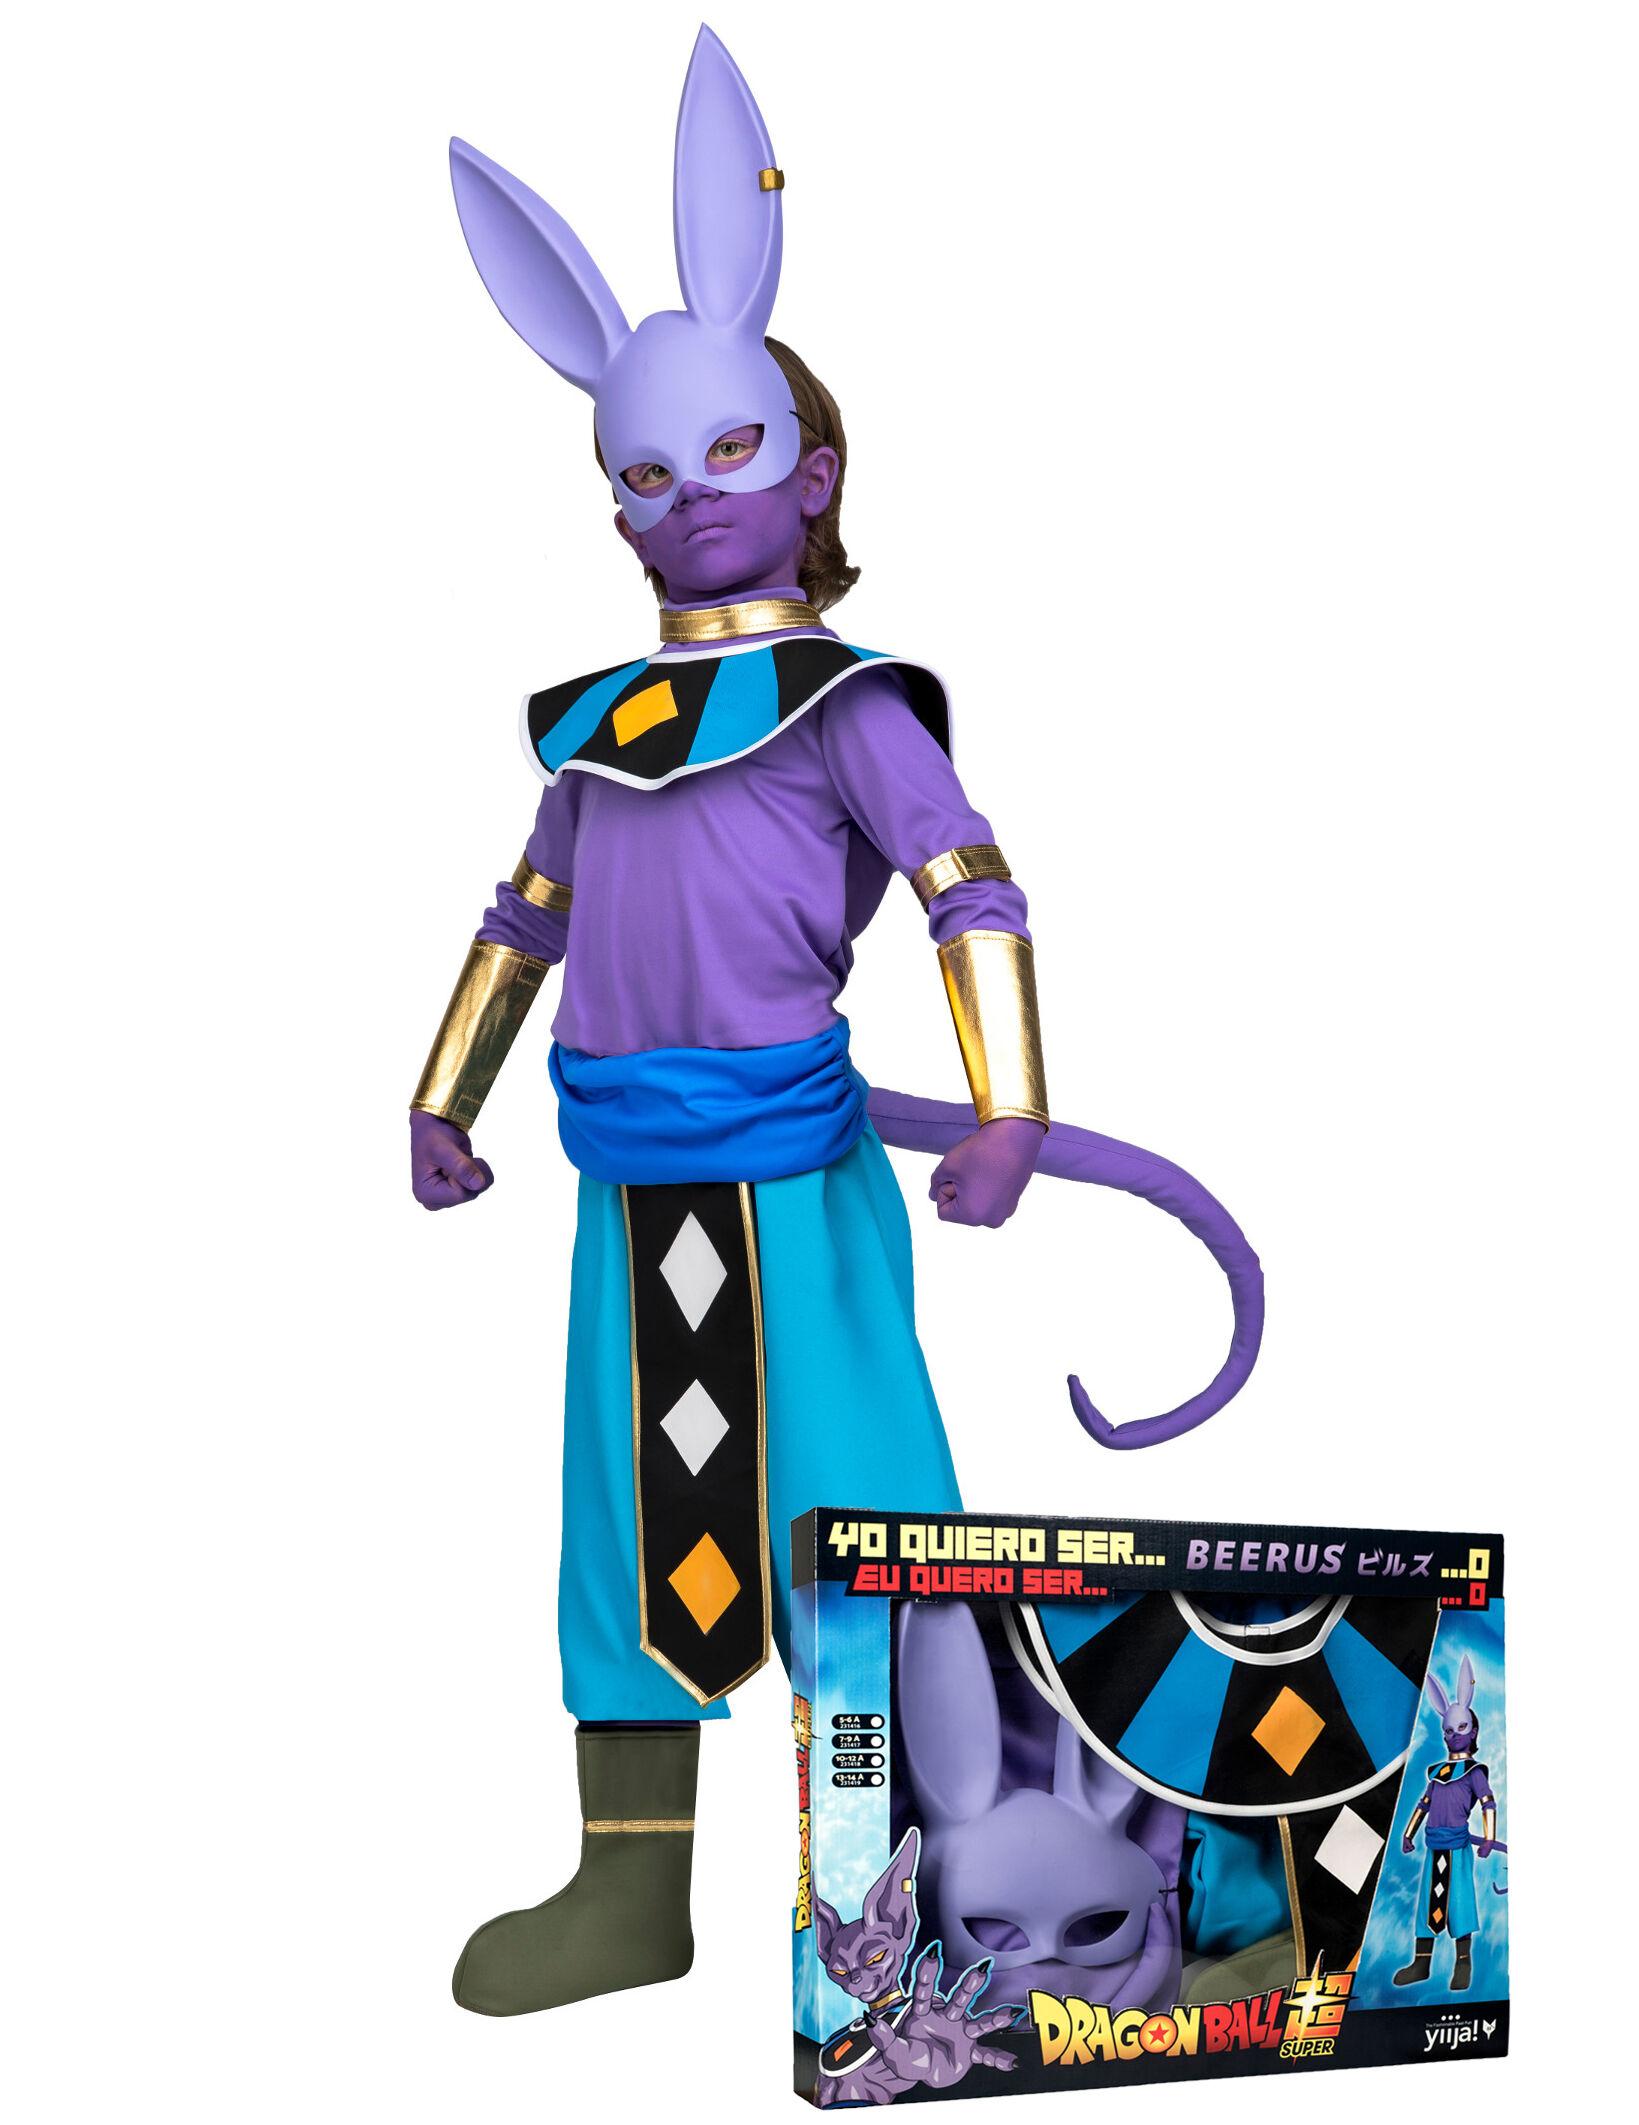 Deguisetoi Coffret déguisement avec masque Beerus Dragon Ball enfant - Taille: 5 - 6 ans (110 - 122 cm)